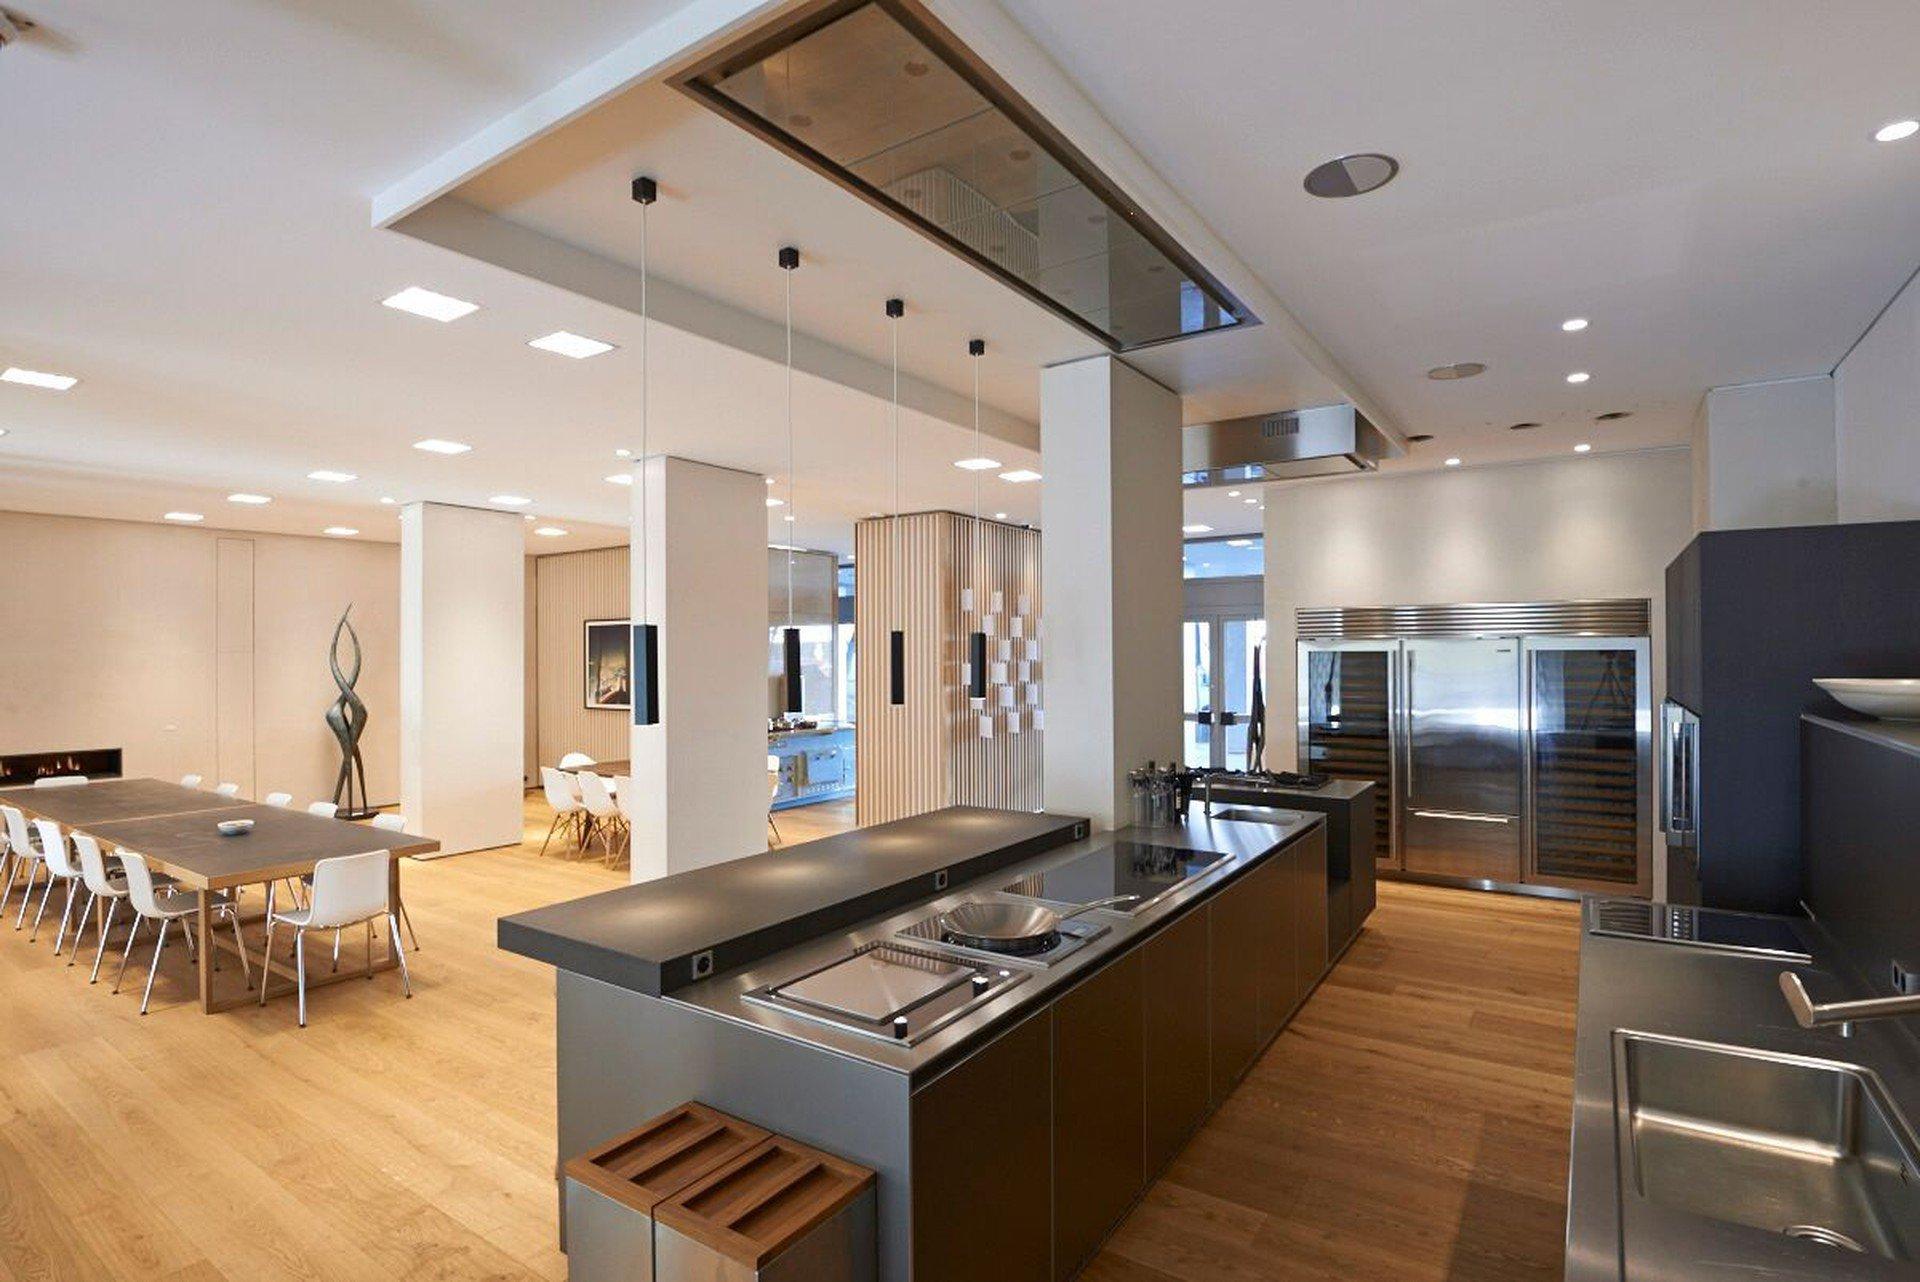 Munich seminar rooms Salle de réunion Concept Lounge 291 image 1